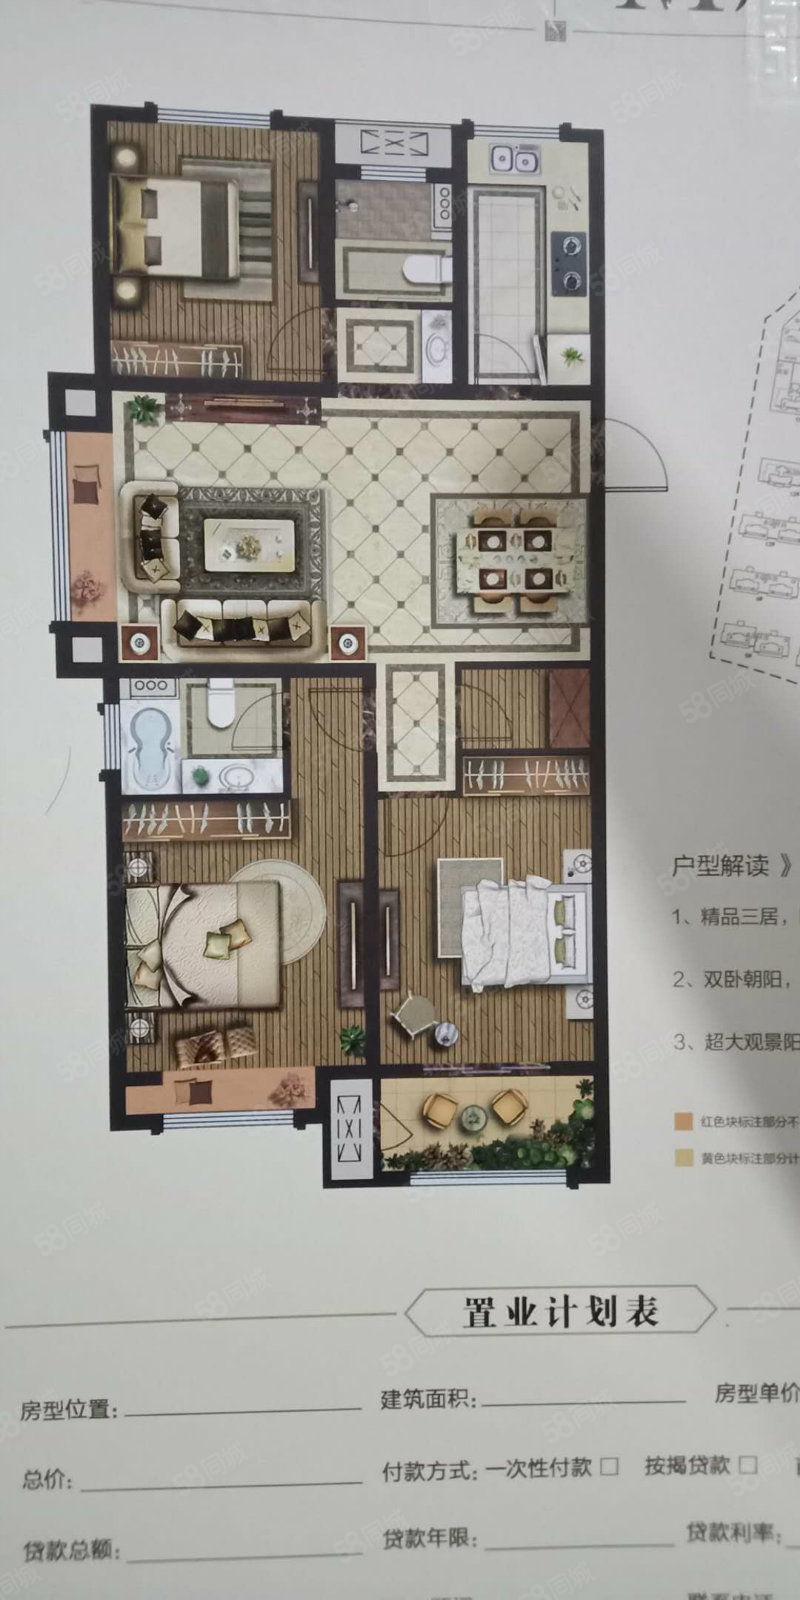 出售尚龙首俯黄��楼层118平,双阳台观景房,首付22万